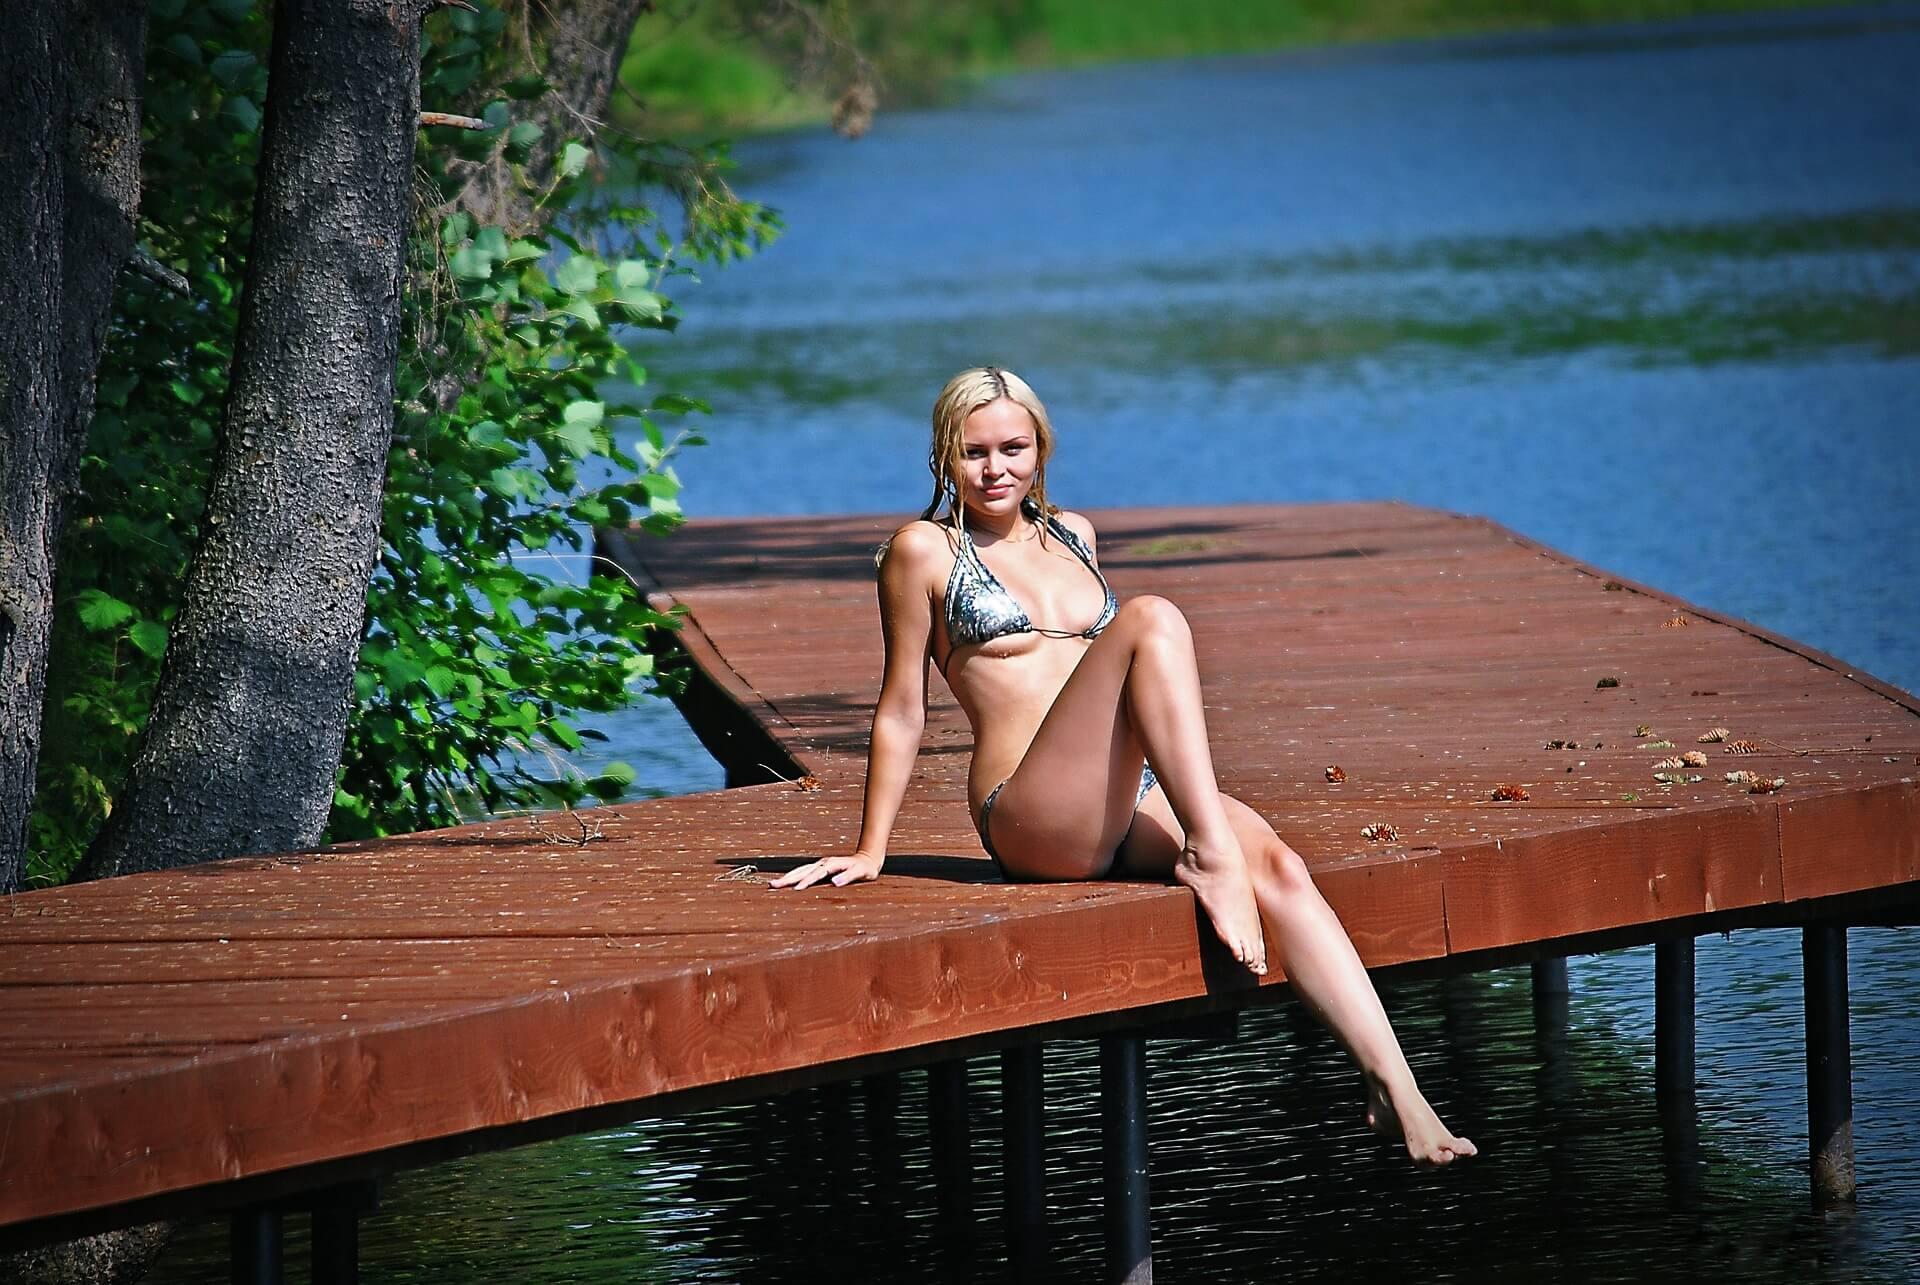 Pornodarstellerin werden Outdoor See